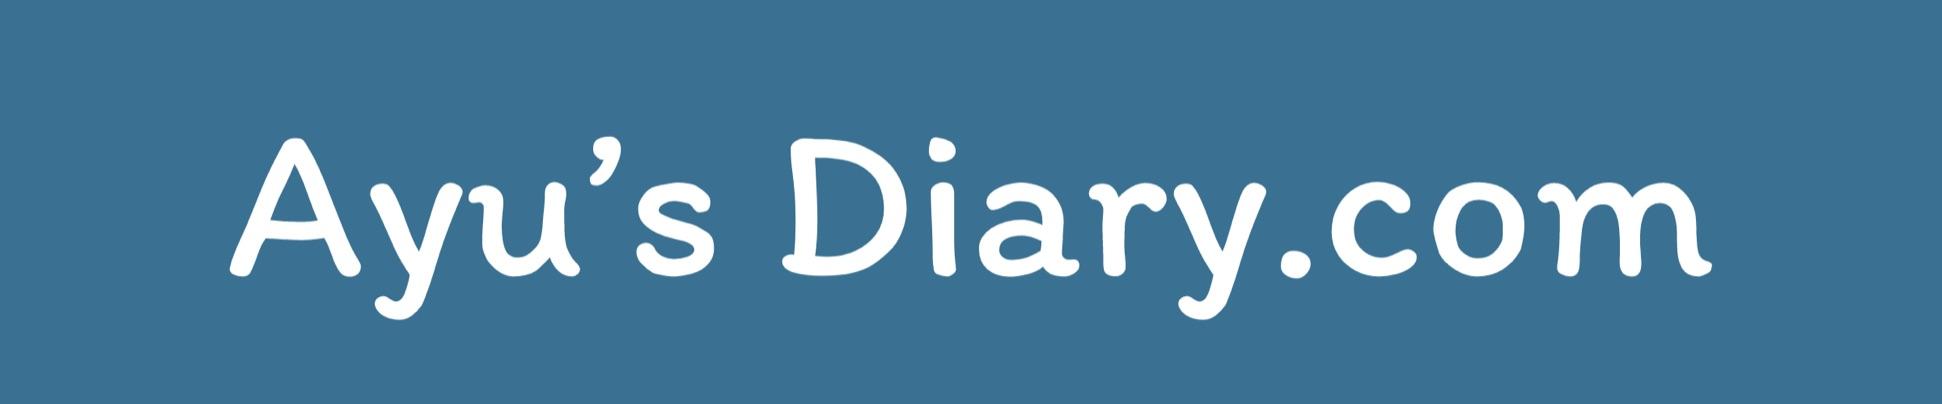 Ayu's Diary